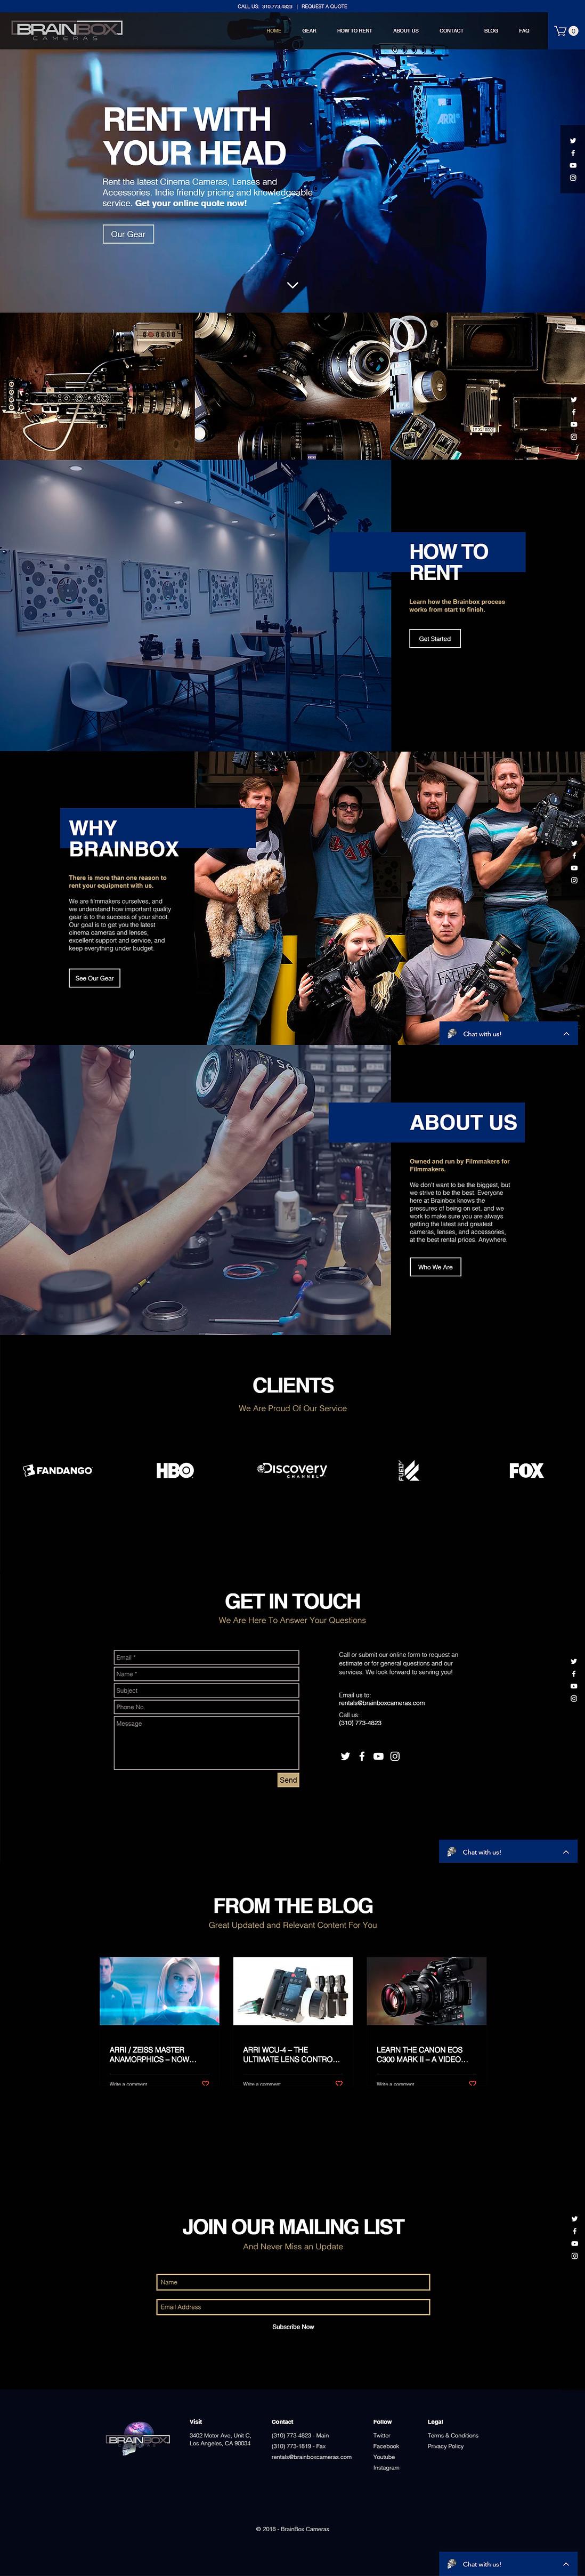 BrainBox Cameras Online Rental Store